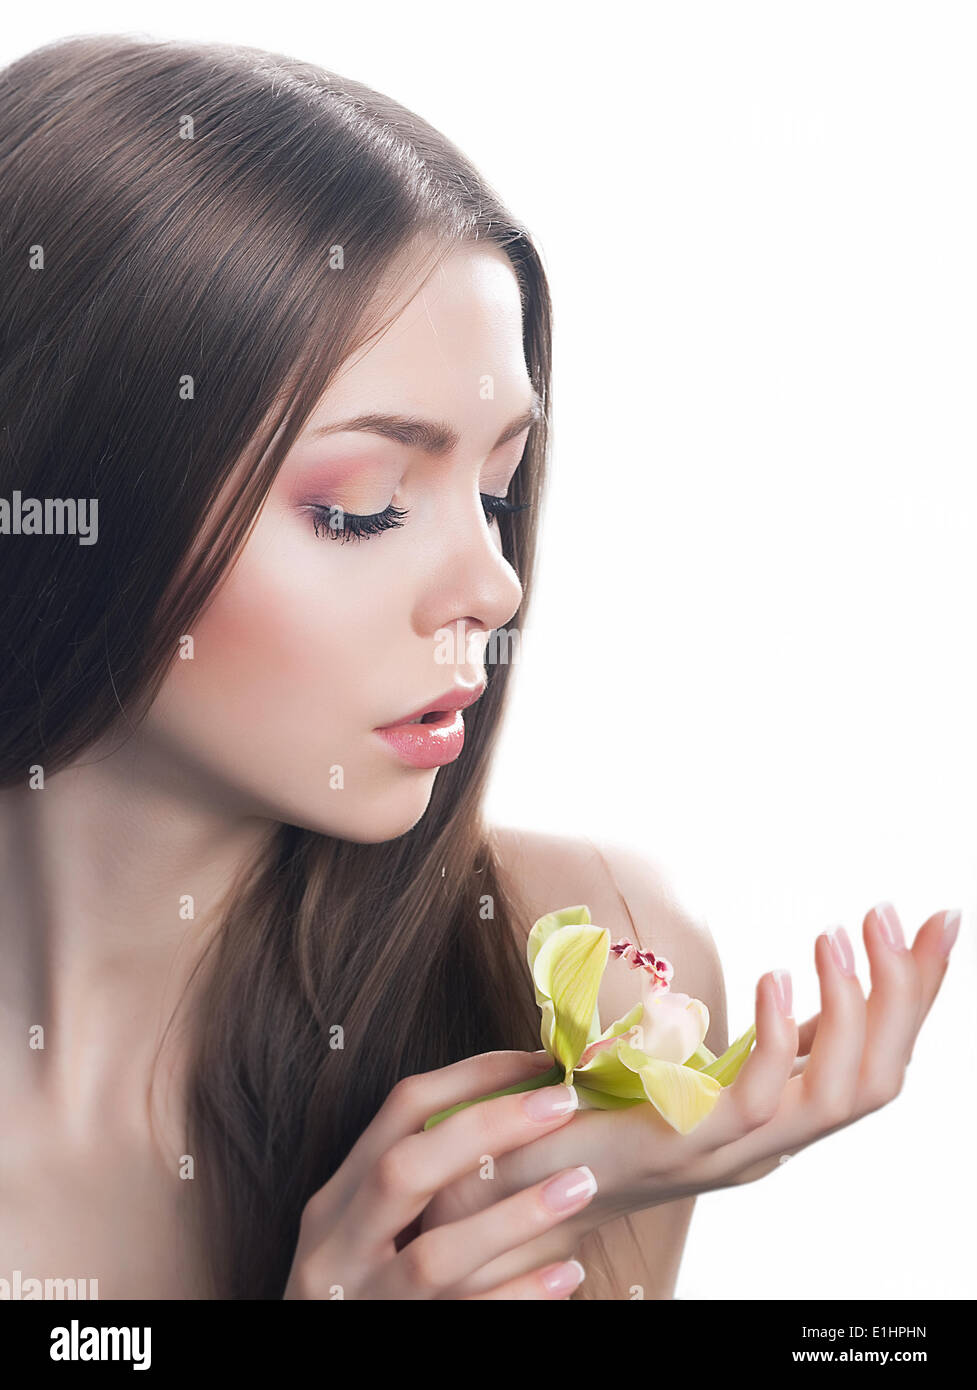 Junge schöne Frau Gesicht mit frischen Orchidee Blume close-up Portrait. Saubere, gesunde Haut Stockbild